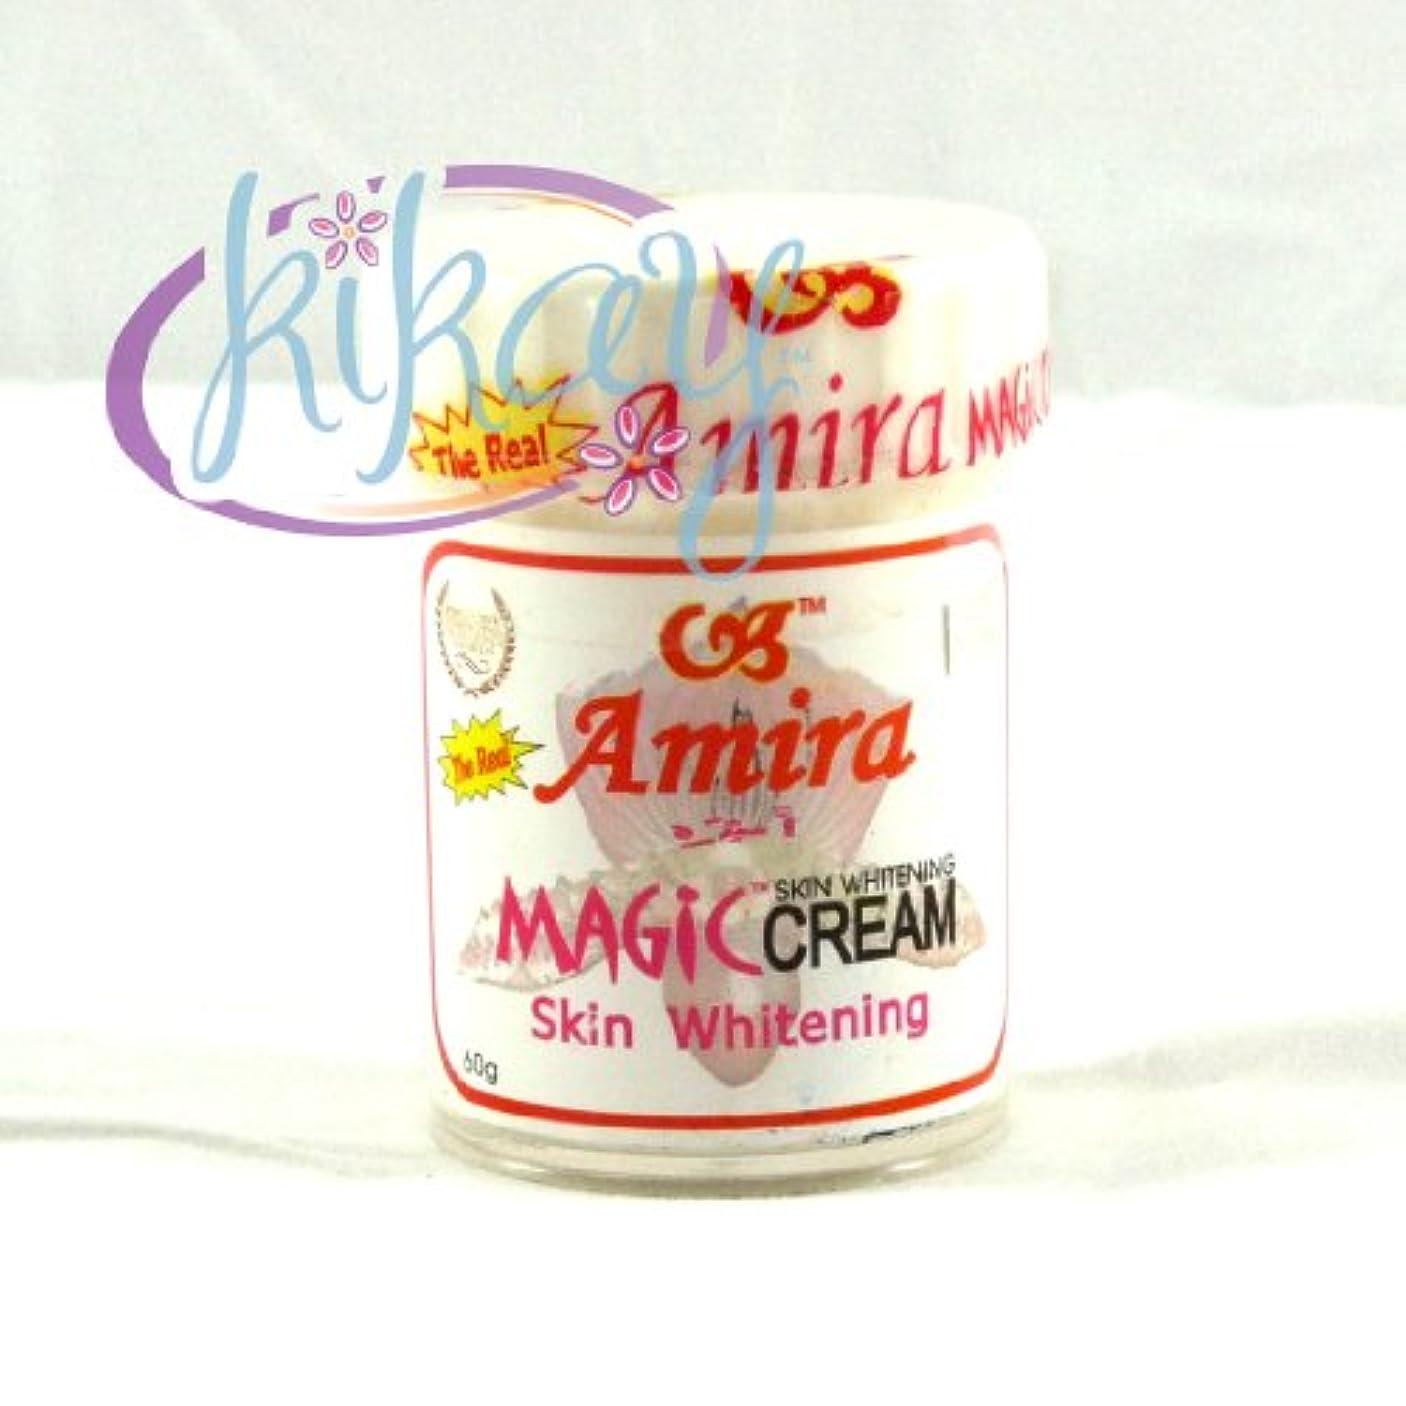 タバコに勝る高原AMIRA THE REAL MAGIC CREAM【SKIN WHITENING CREAM 60g】PHILIPPINES〈スキン ホワイトニング クリーム〉フィリピン